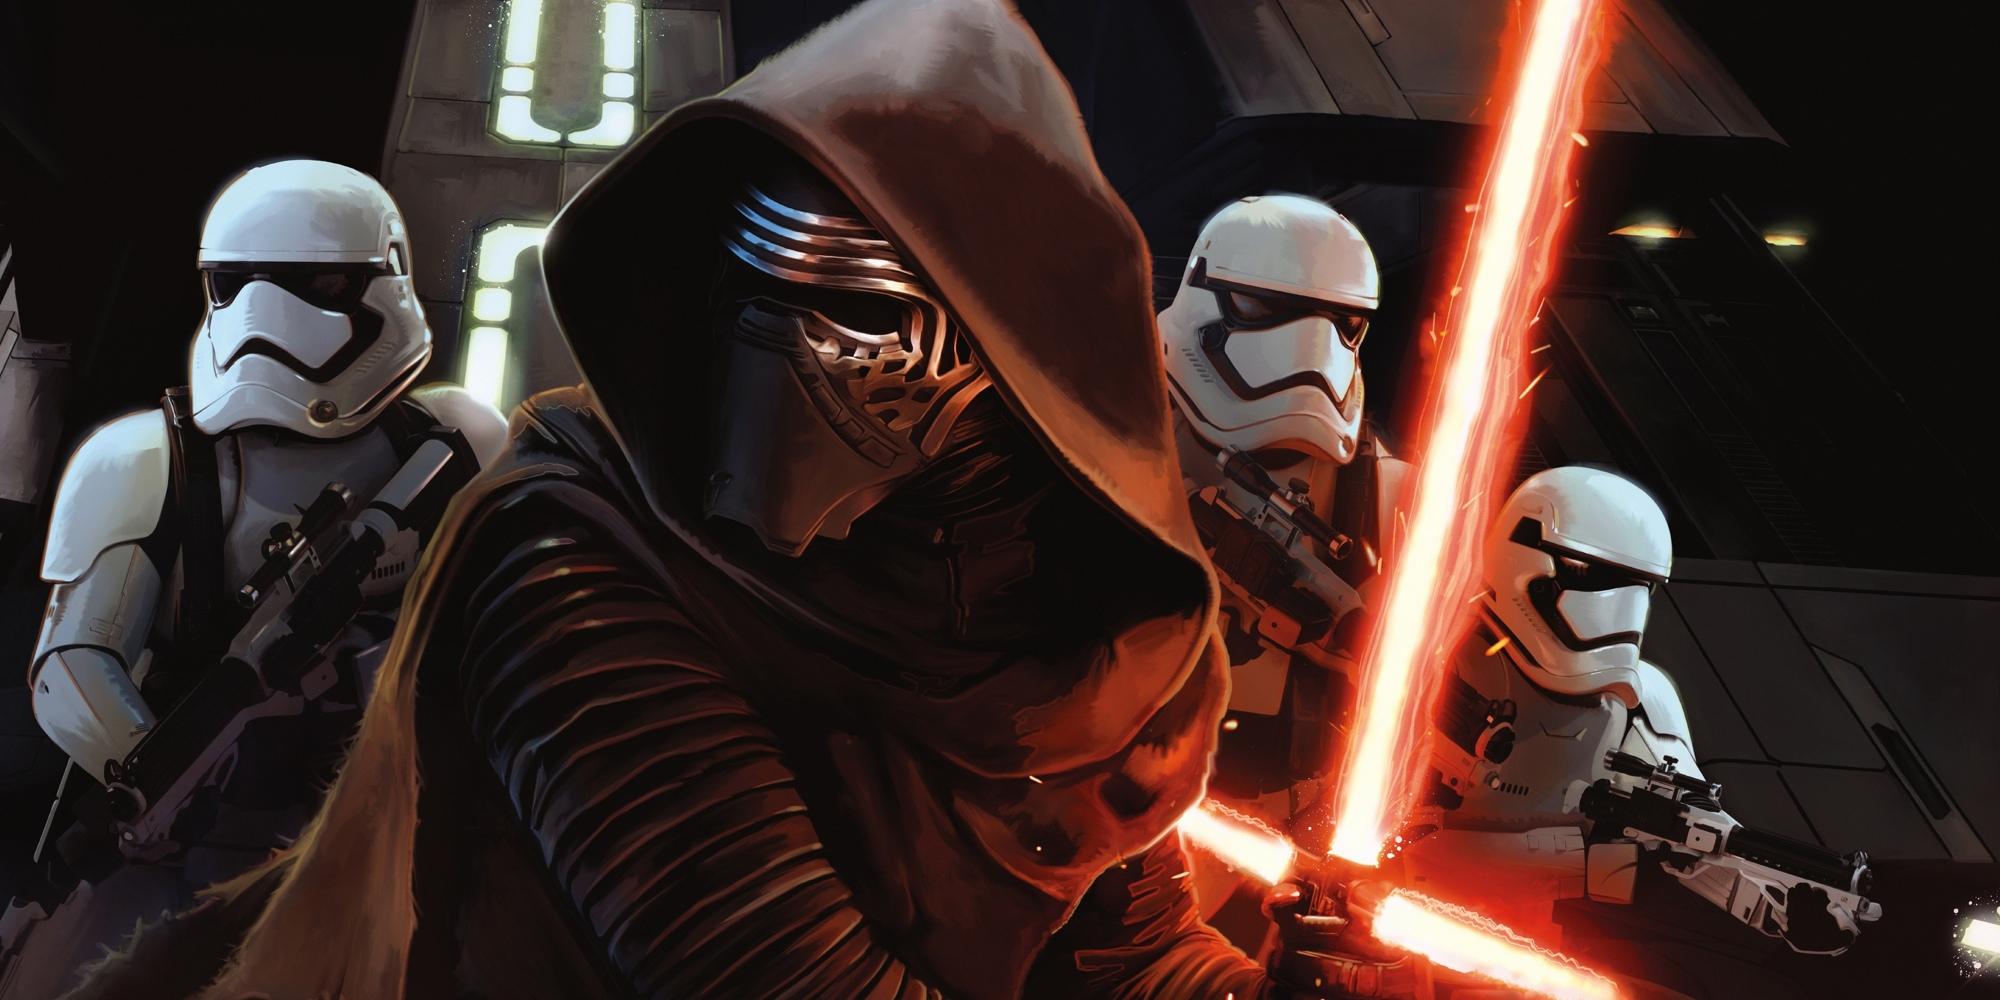 Star Wars Force Awakens Kylo Ren Stormtroopers Artwork